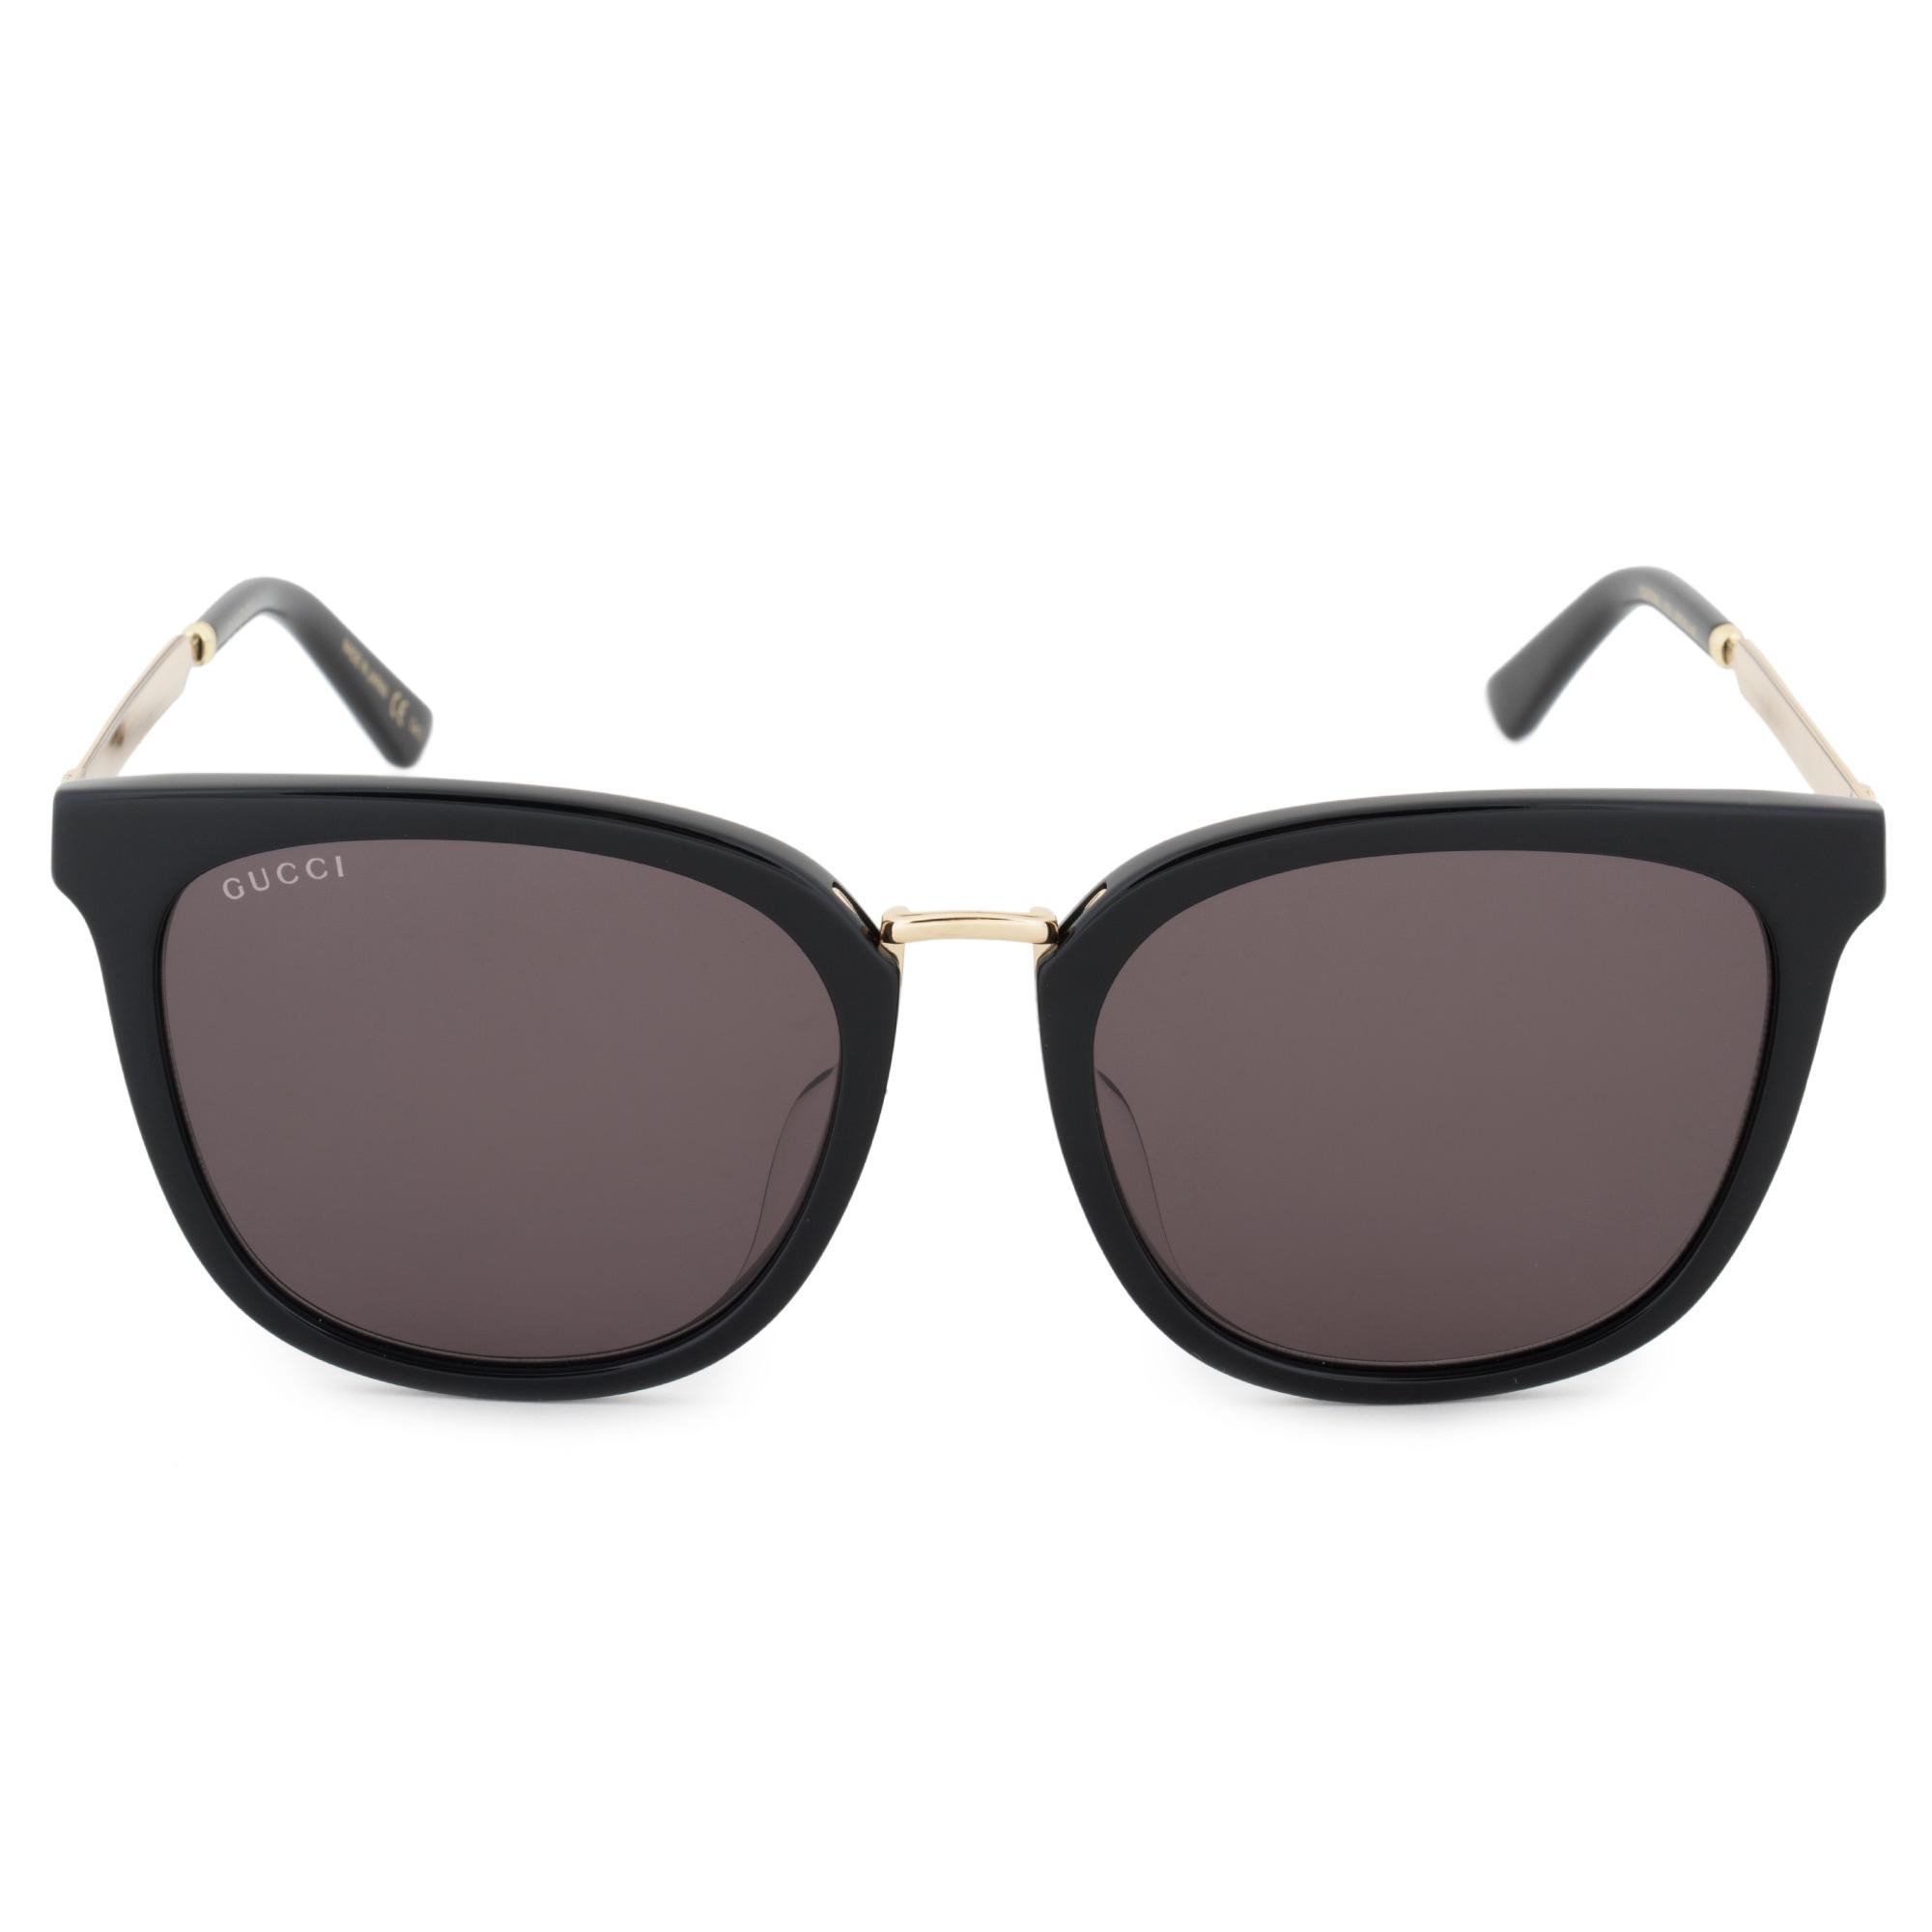 7cad0d121946 Gucci Sunglasses